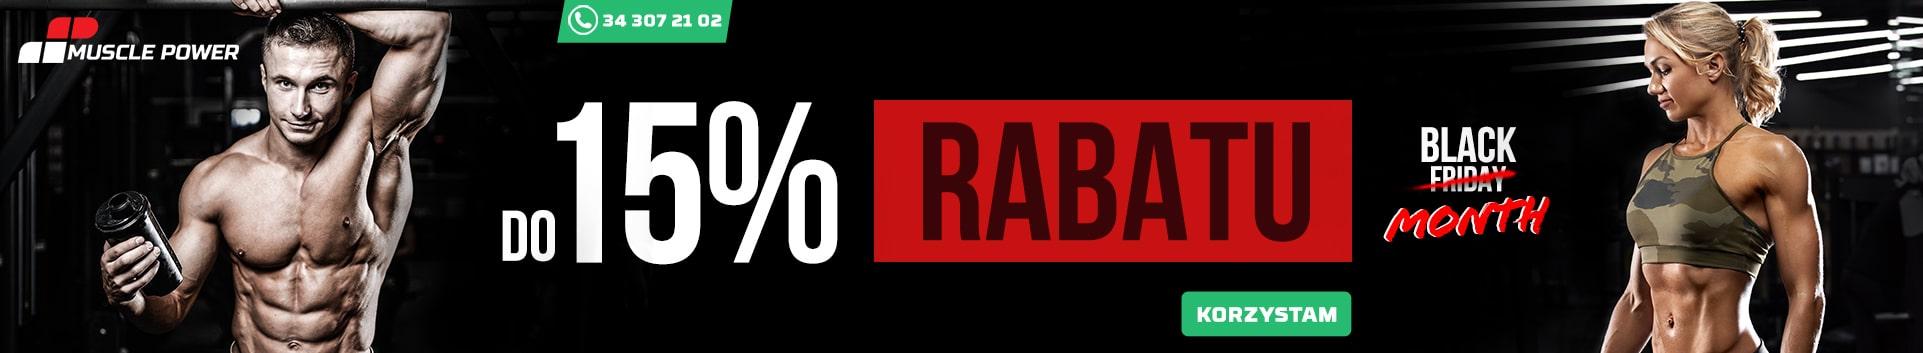 do 15% rabatu